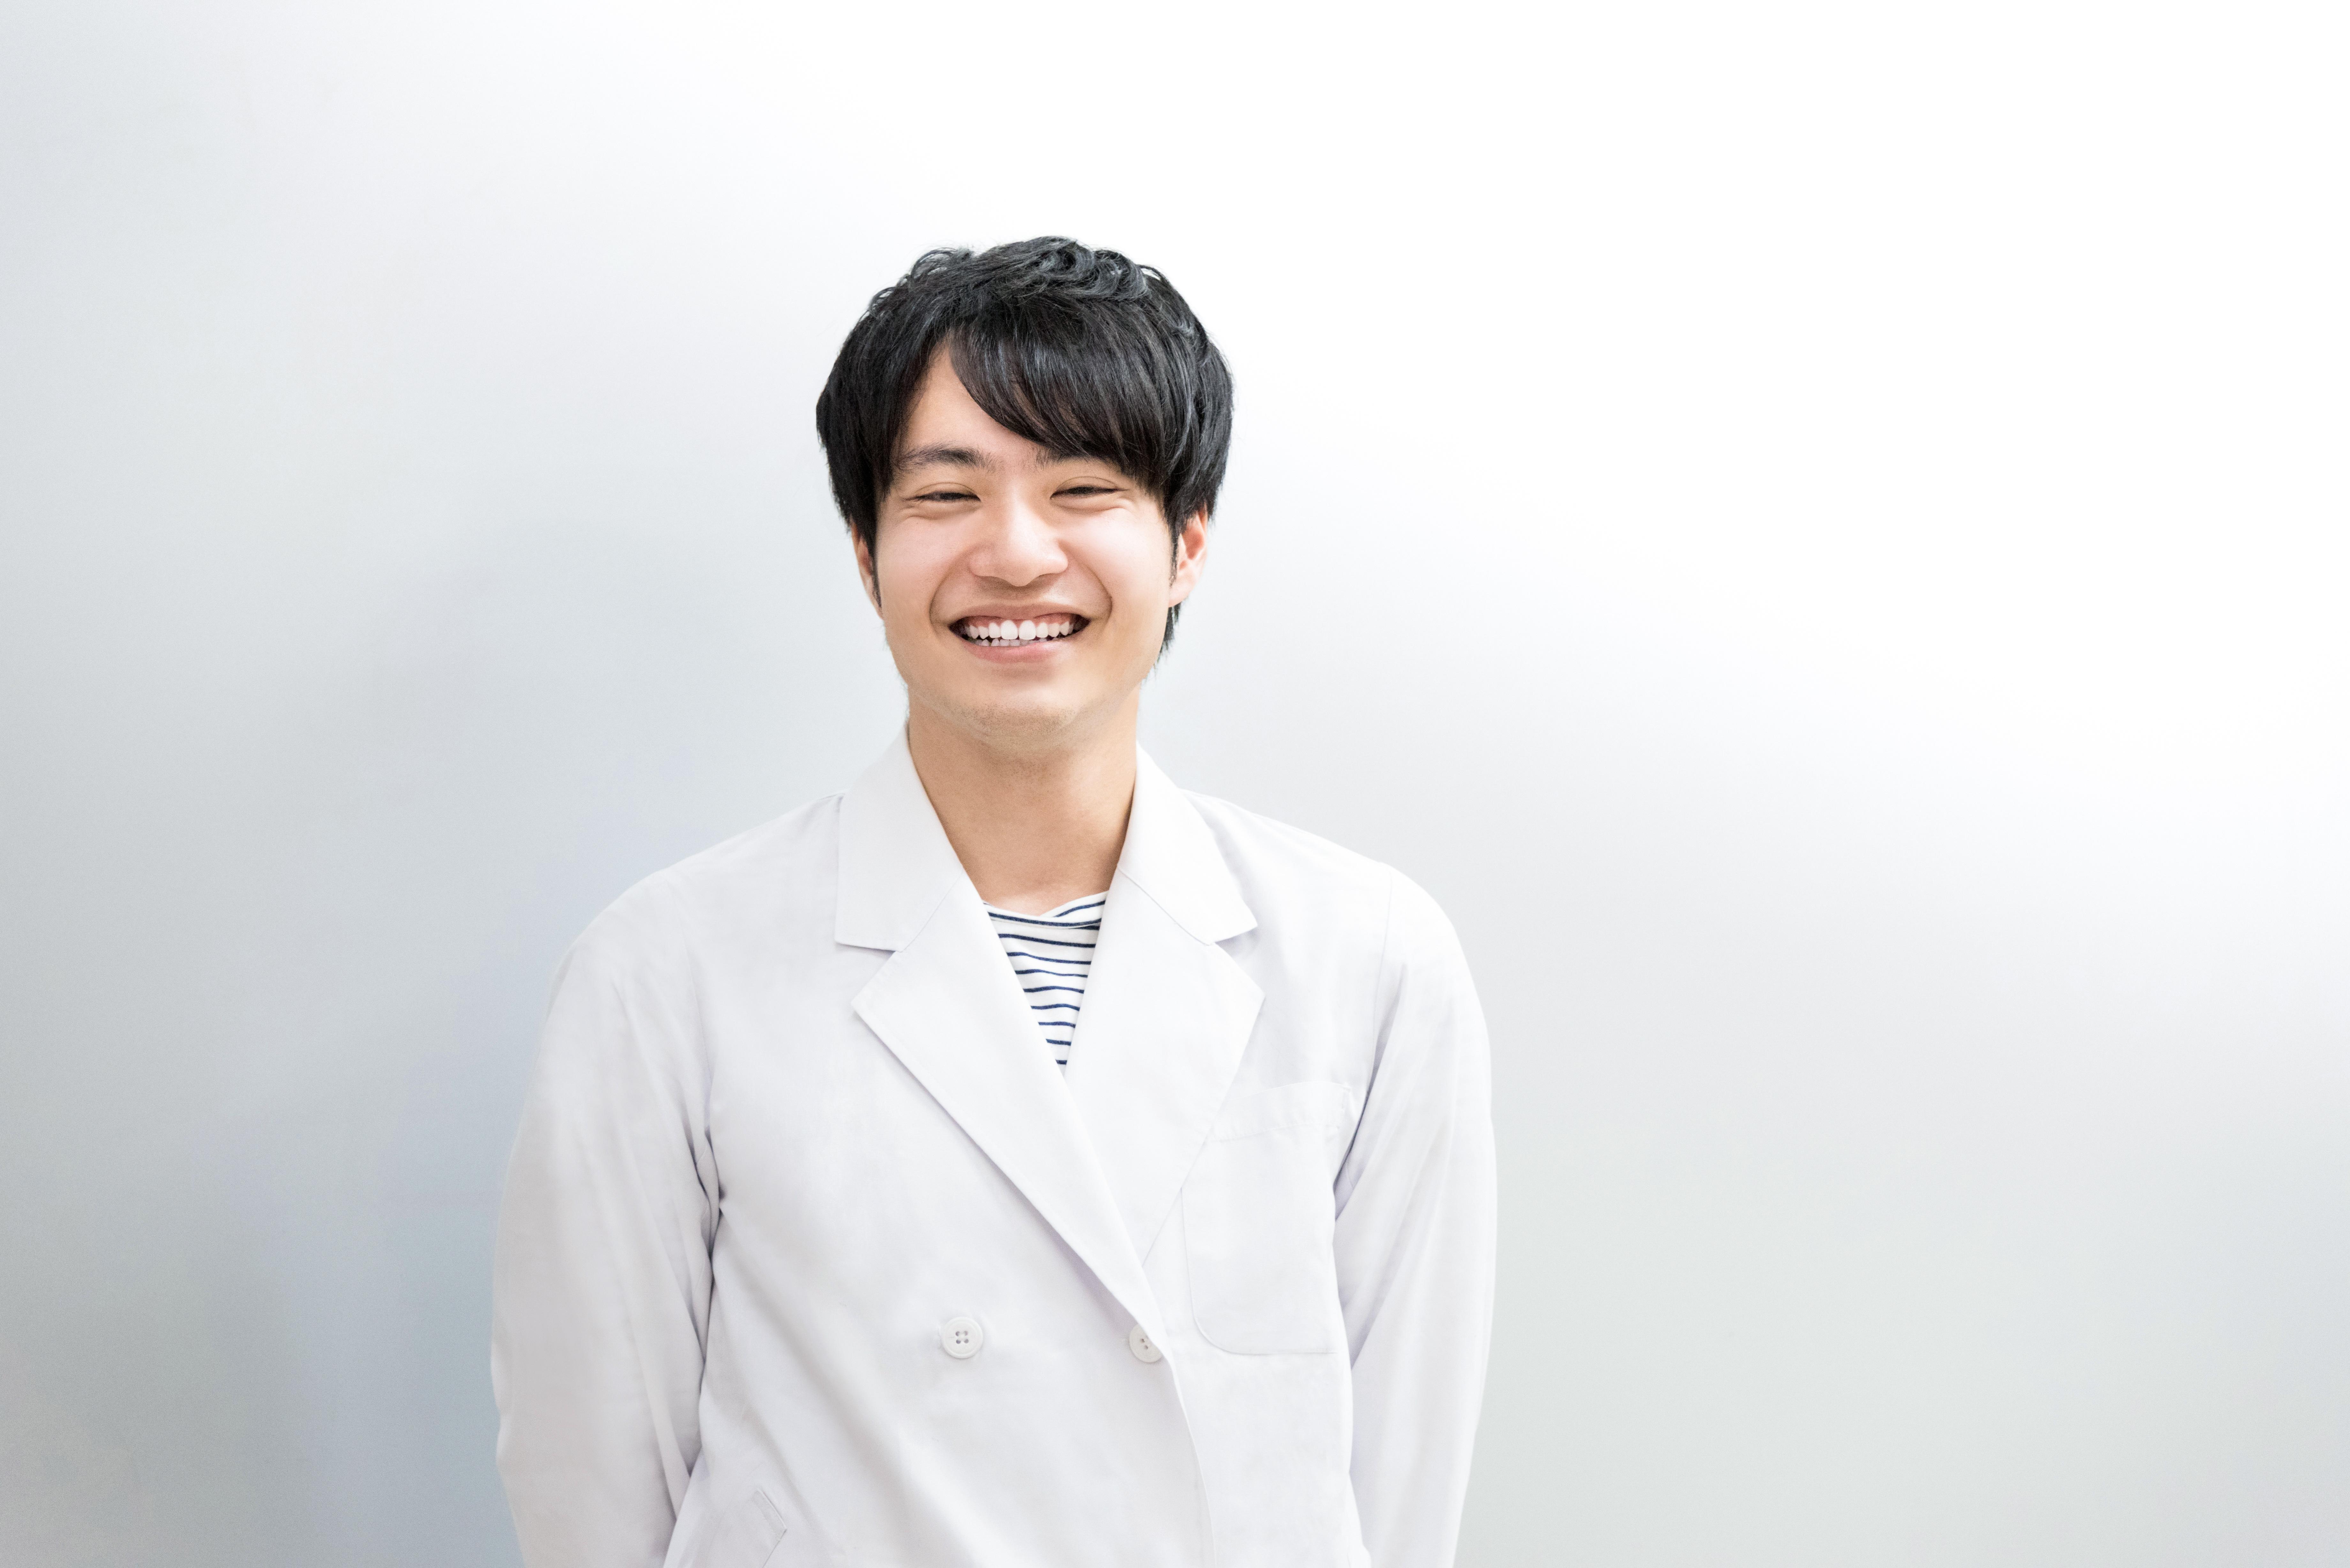 笑顔の白衣の男性(医者・科学者・学者)